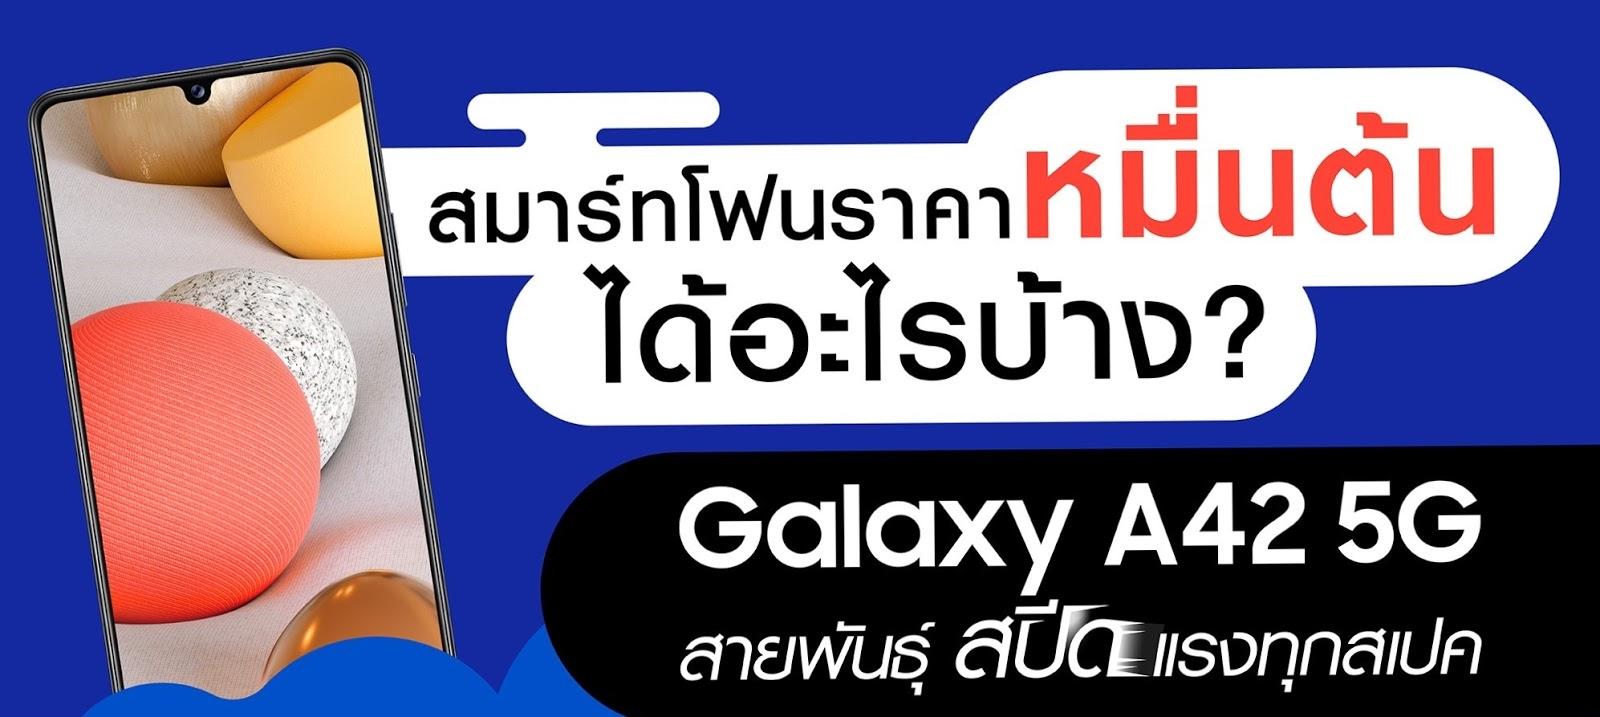 ชี้เป้าสมาร์ทโฟน 5G สุดคุ้ม Samsung Galaxy A42 5G จาก Samsung เร็วแรงพร้อมลุยทุกการใช้งาน ในราคาหมื่นต้น!